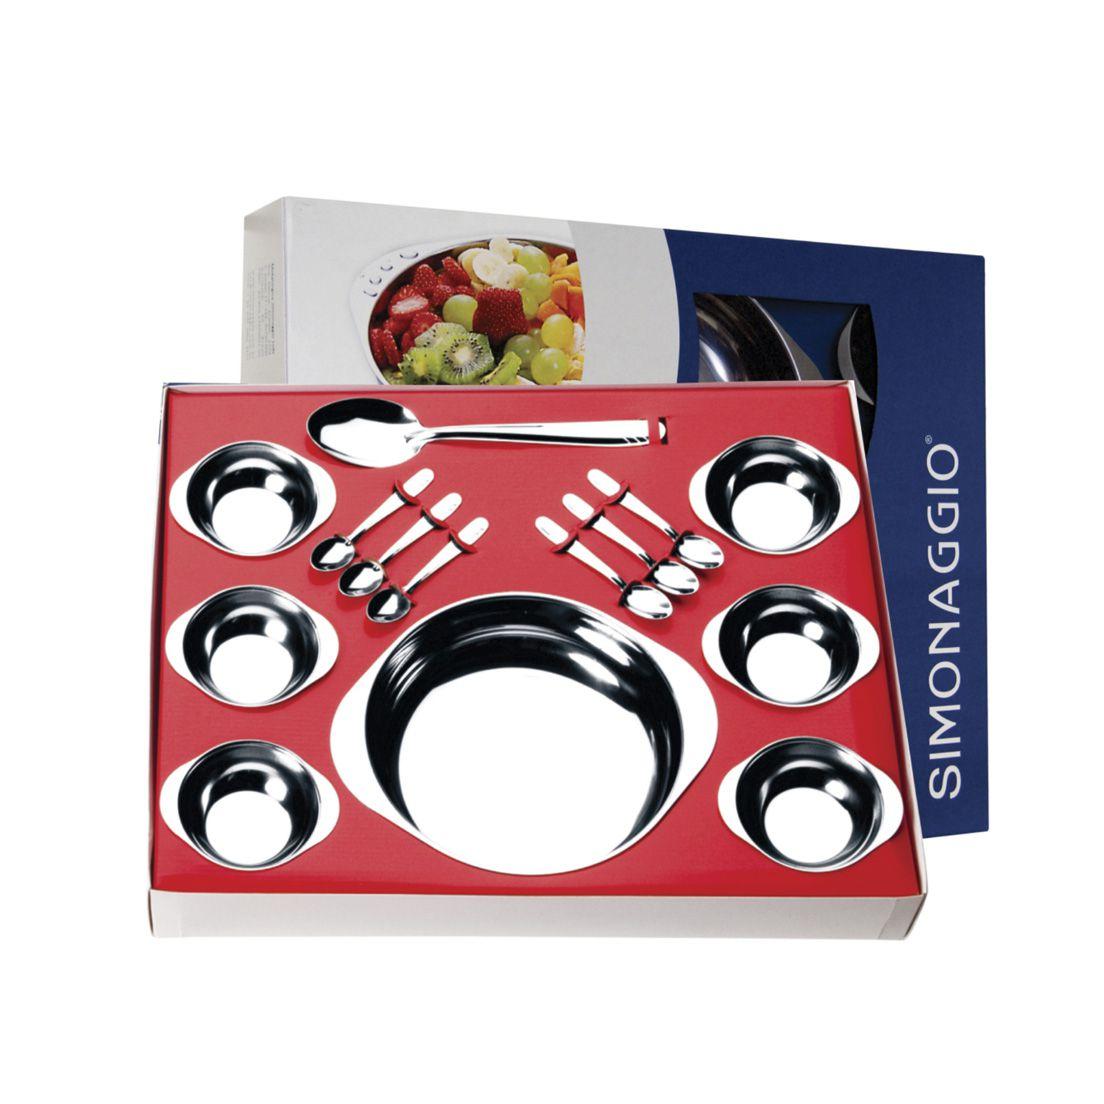 Conjunto para Sobremesa Simonaggio Moniz de Aço Inox com Saladeira 14 Peças